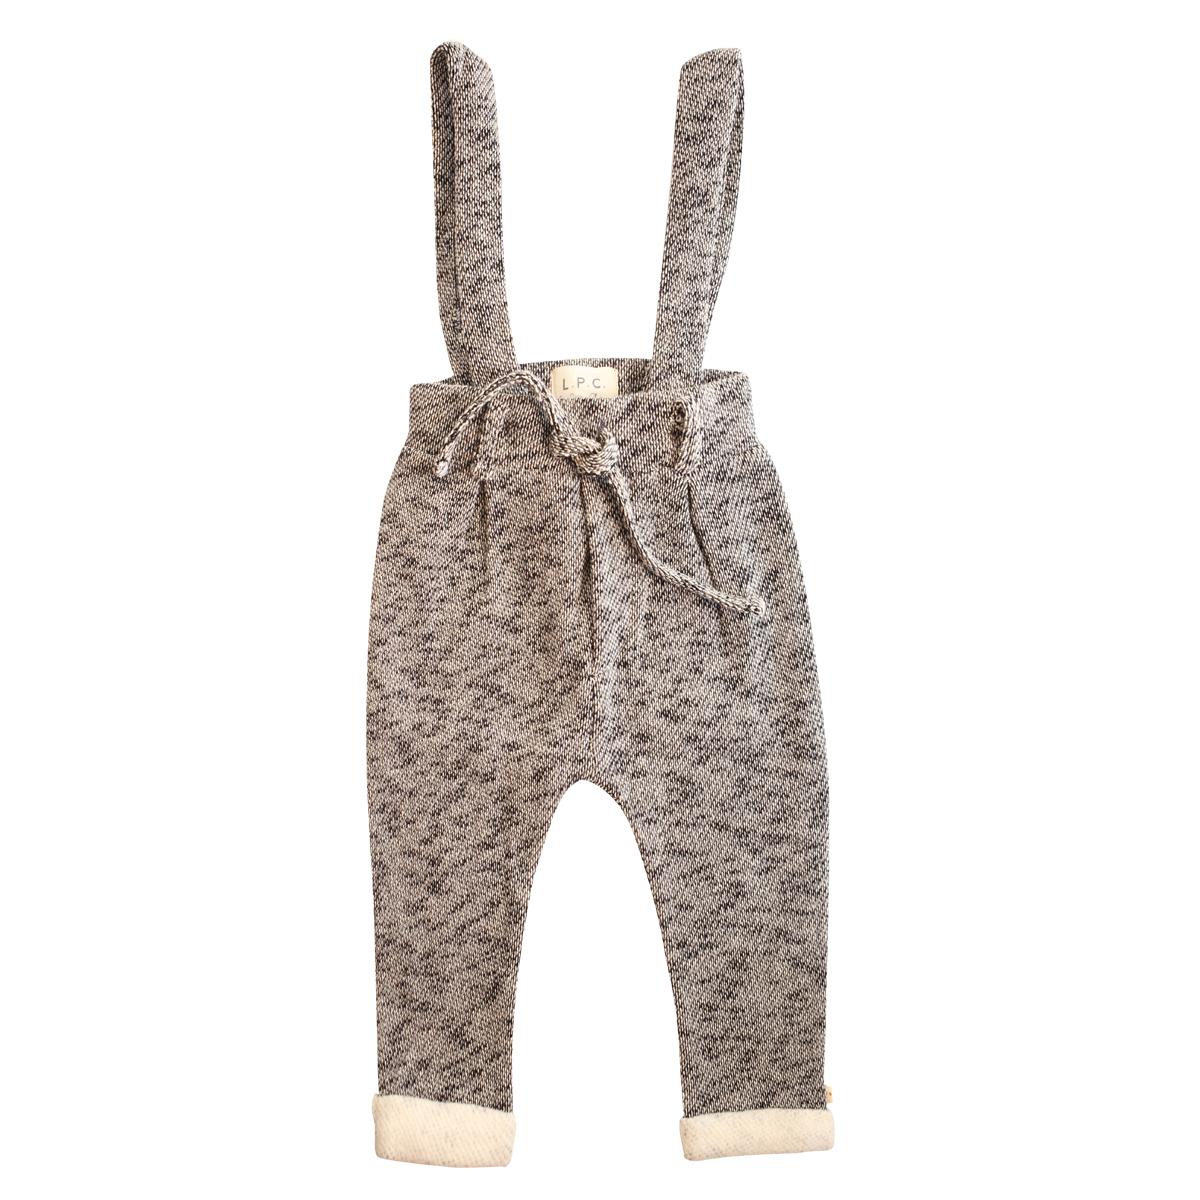 Bas bébé Pantalon avec Bretelles Suwy Gris Chiné - 2/3 Ans Pantalon avec Bretelles Suwy Gris Chiné - 2/3 Ans